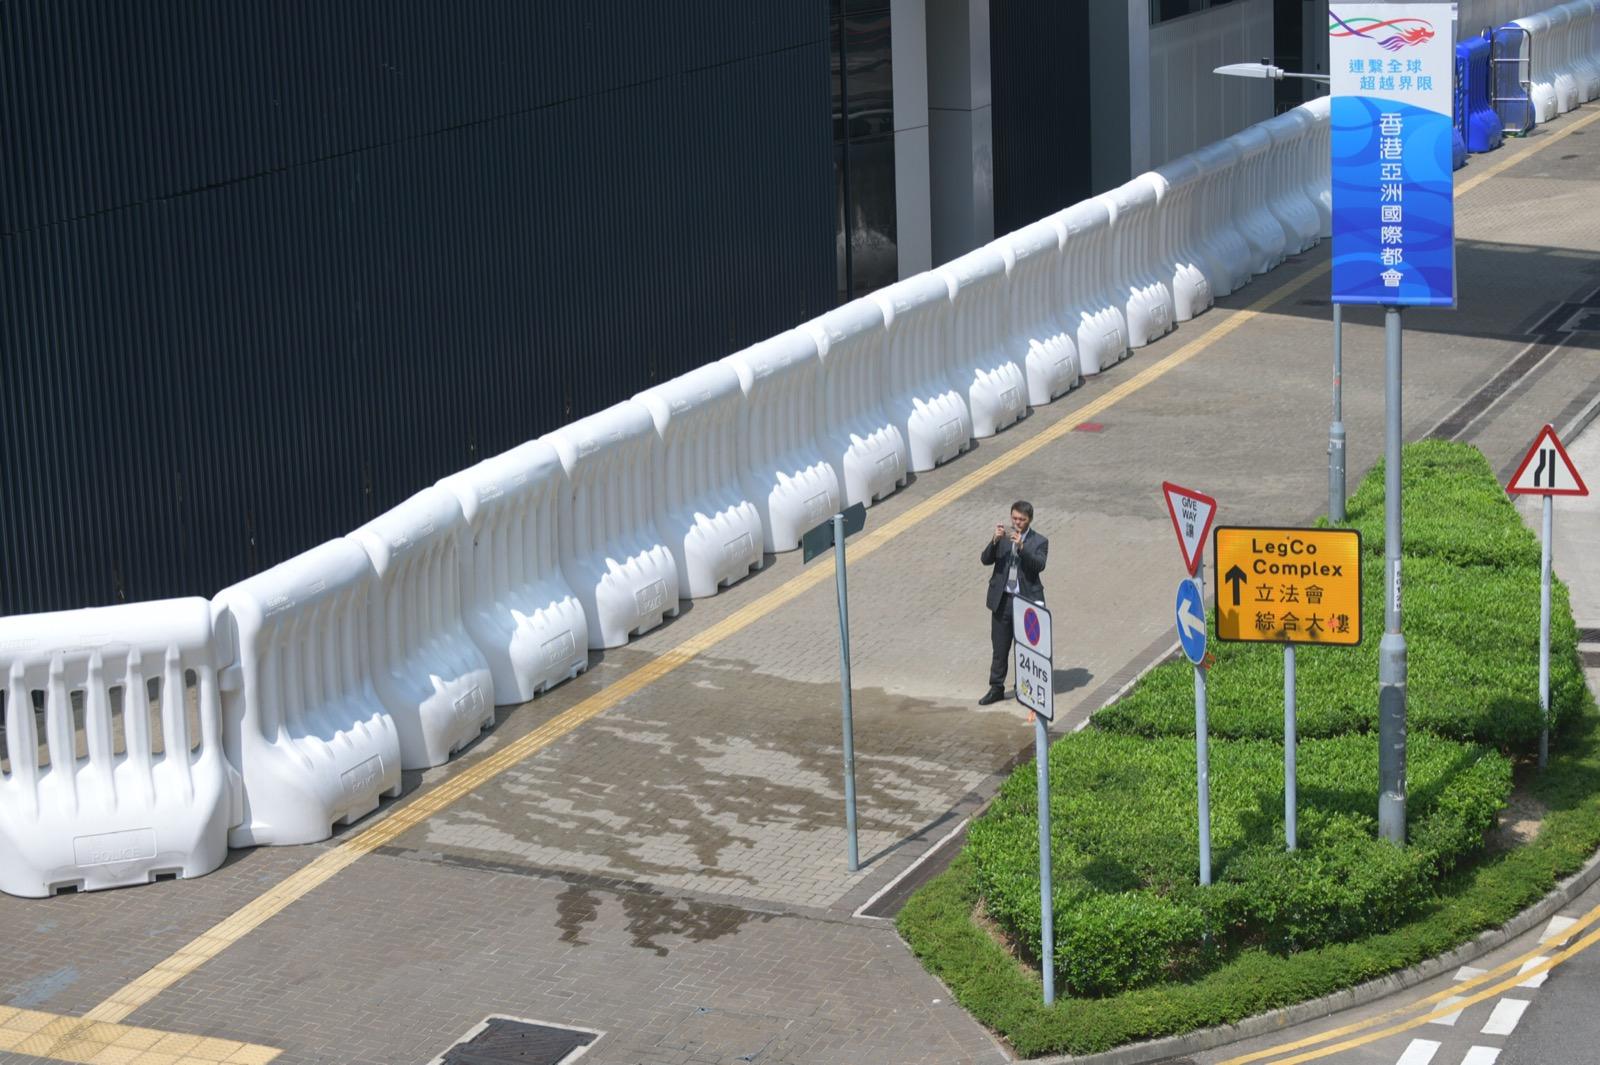 立法會外架設大型水馬以防示威衝擊。